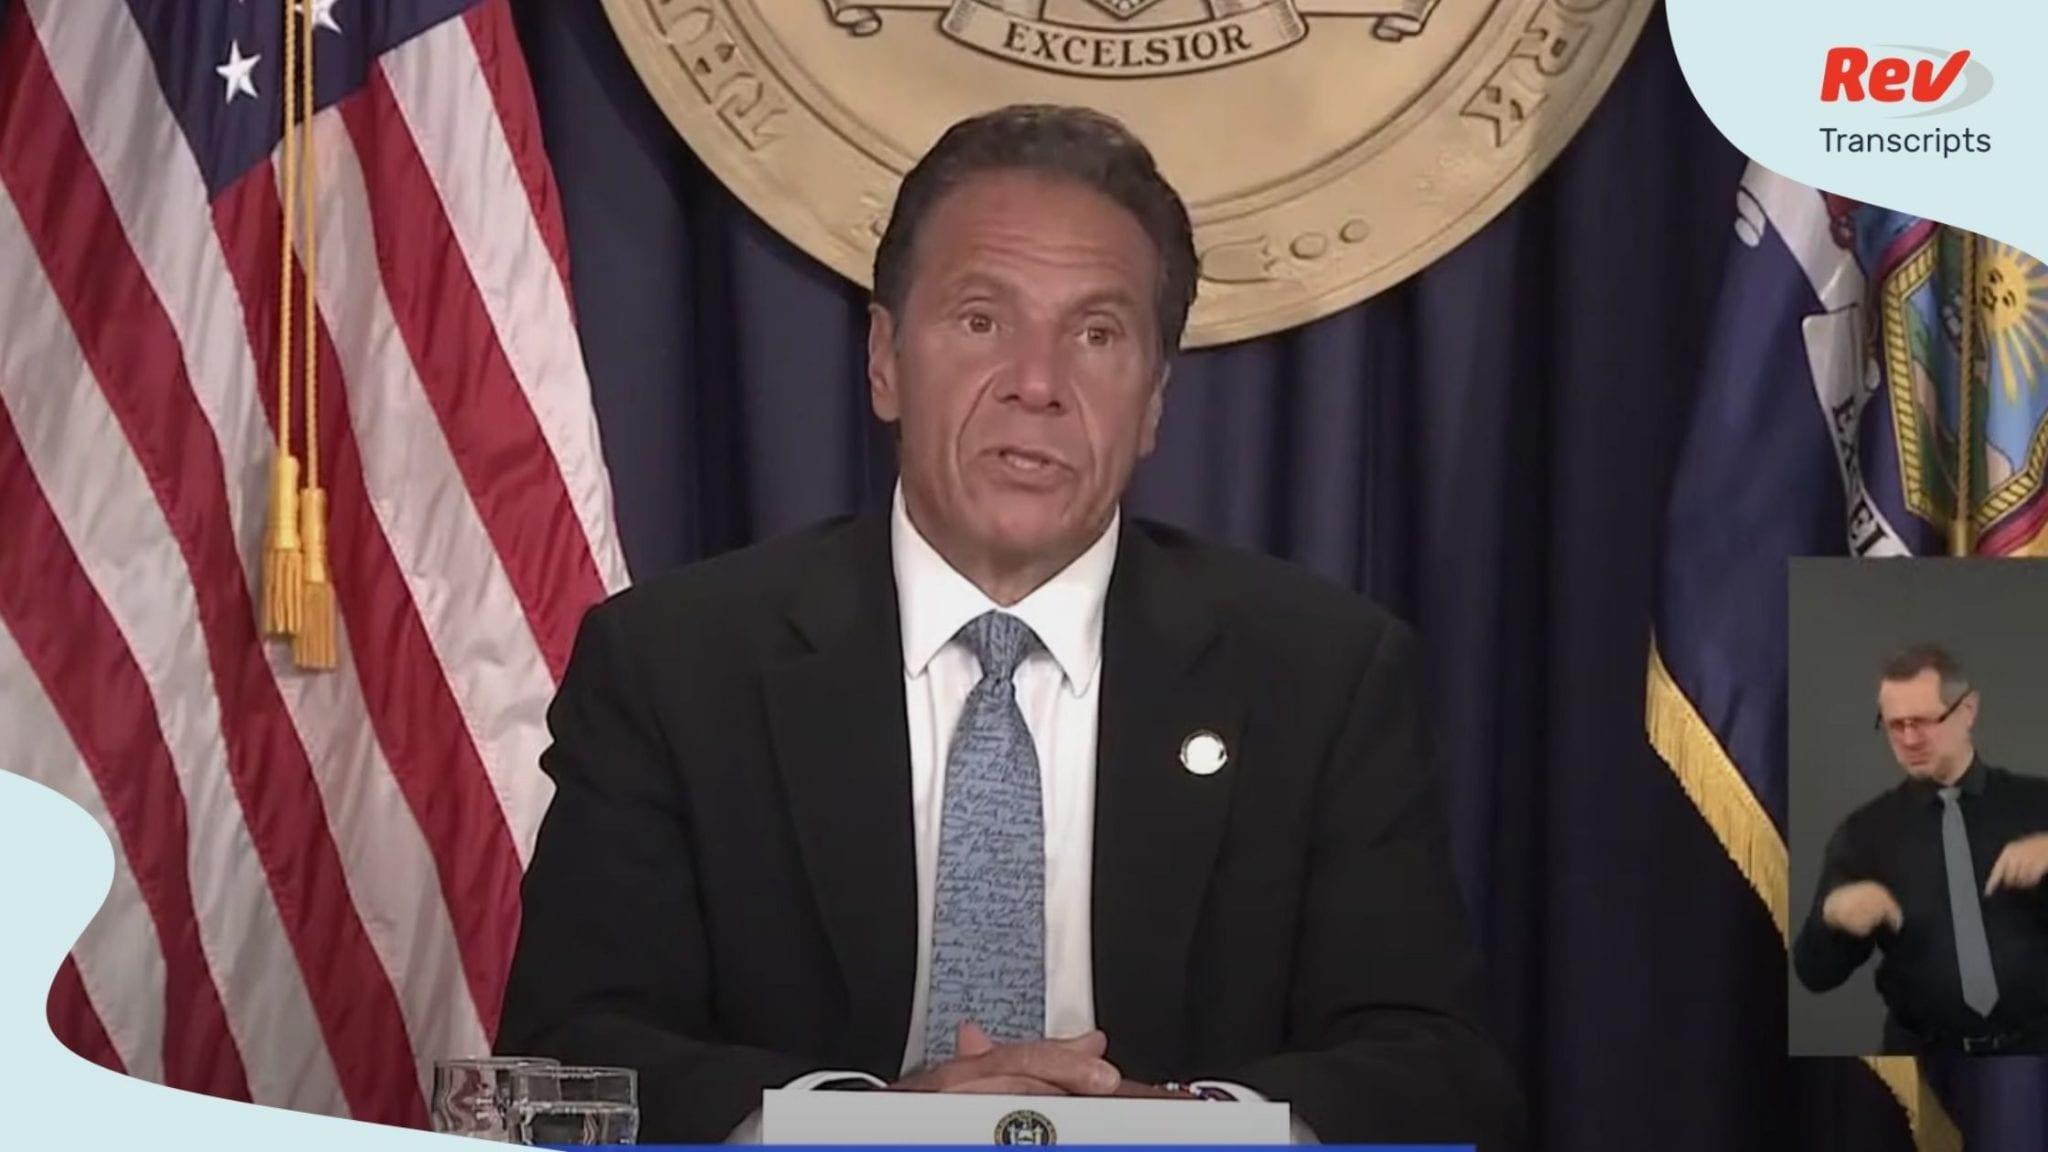 NY Governor Cuomo COVID-19 Press Conference Transcript July 23